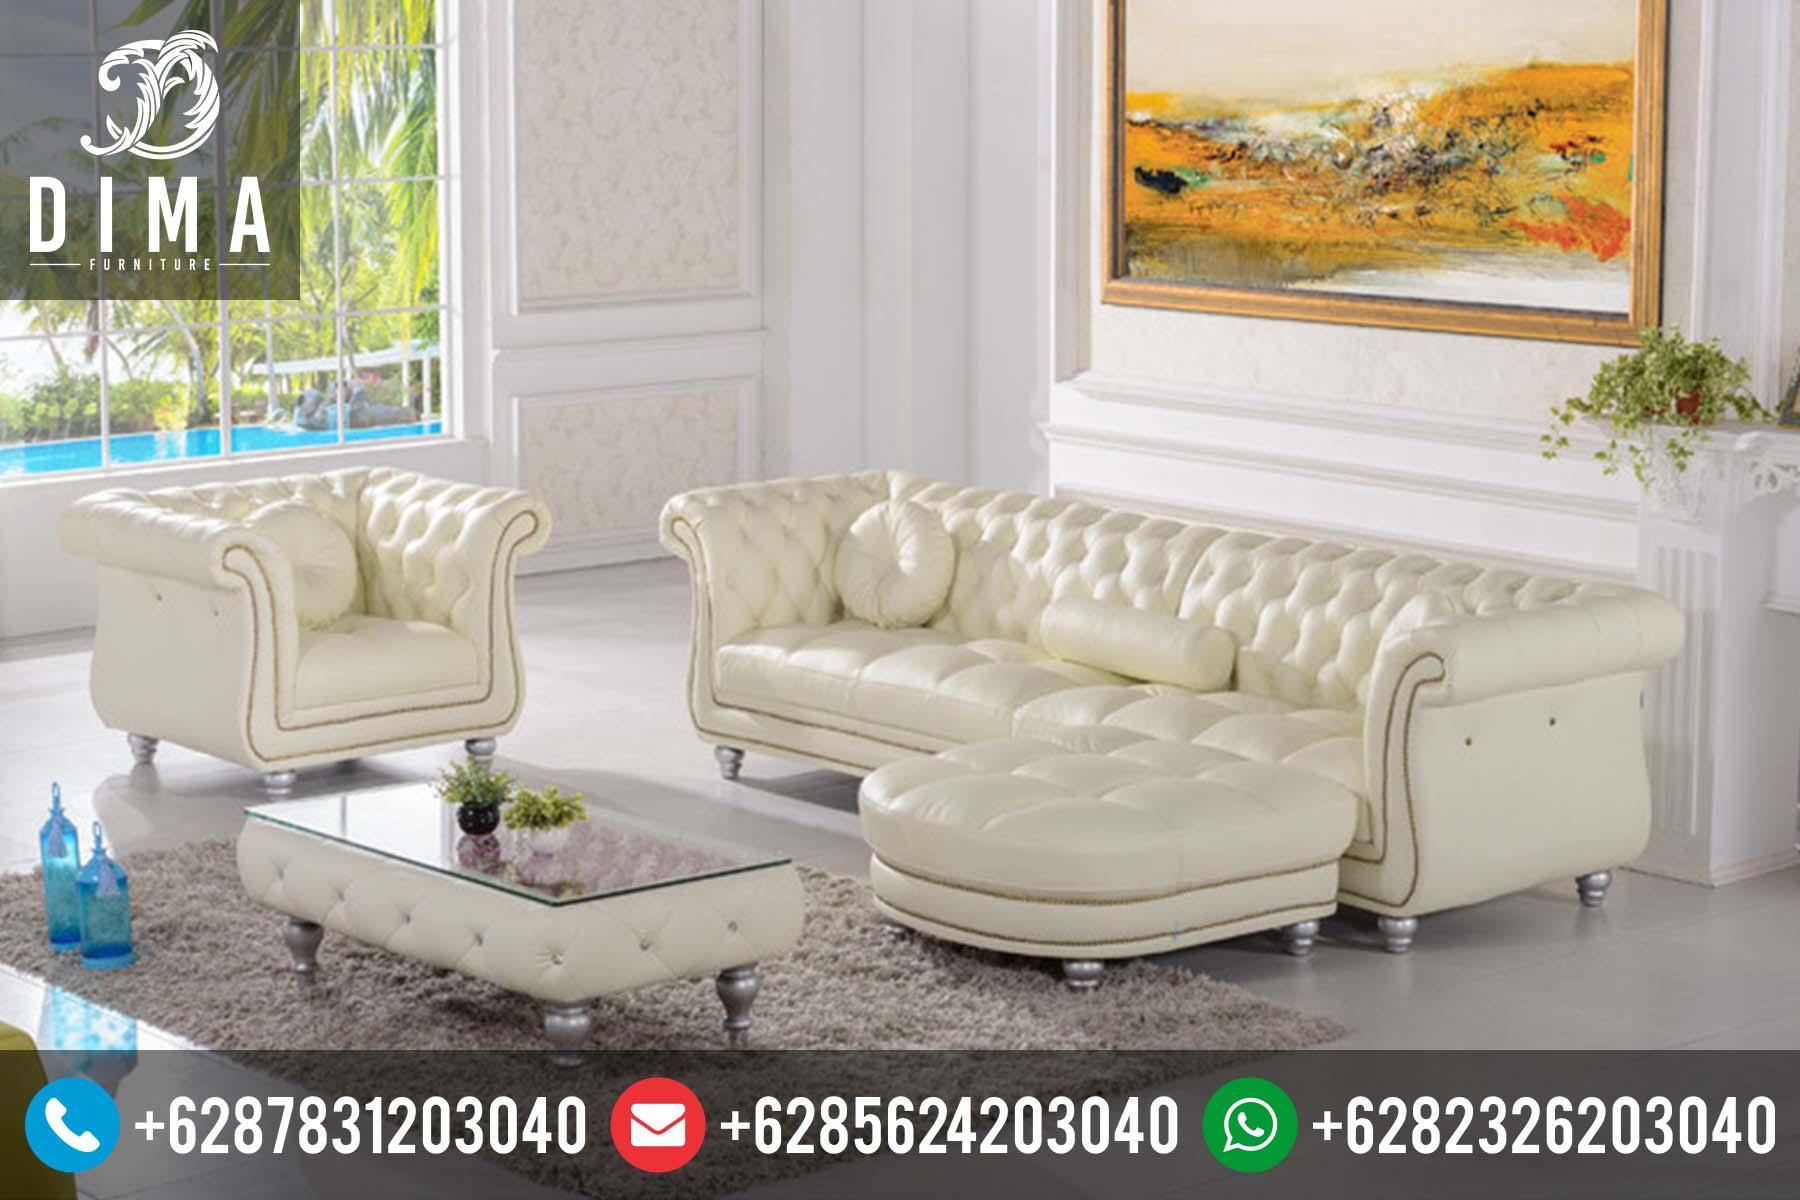 Mebel Jepara Murah Set Kursi Sofa Bed Ruang Tamu Terbaru